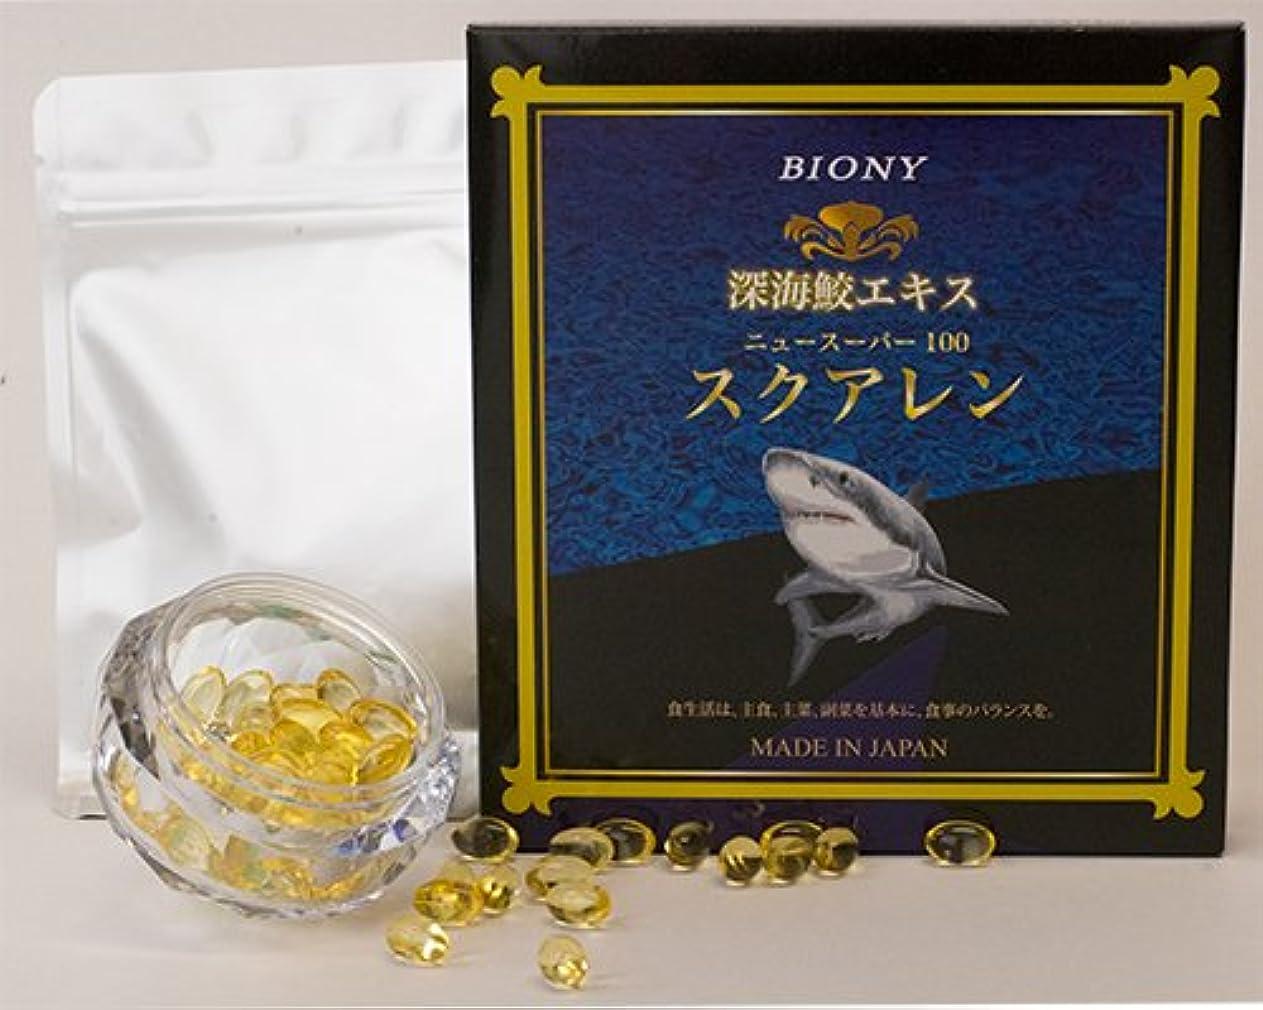 怠な排出泥沼深海鮫エキス スクアレン(アルミパウチ)110粒